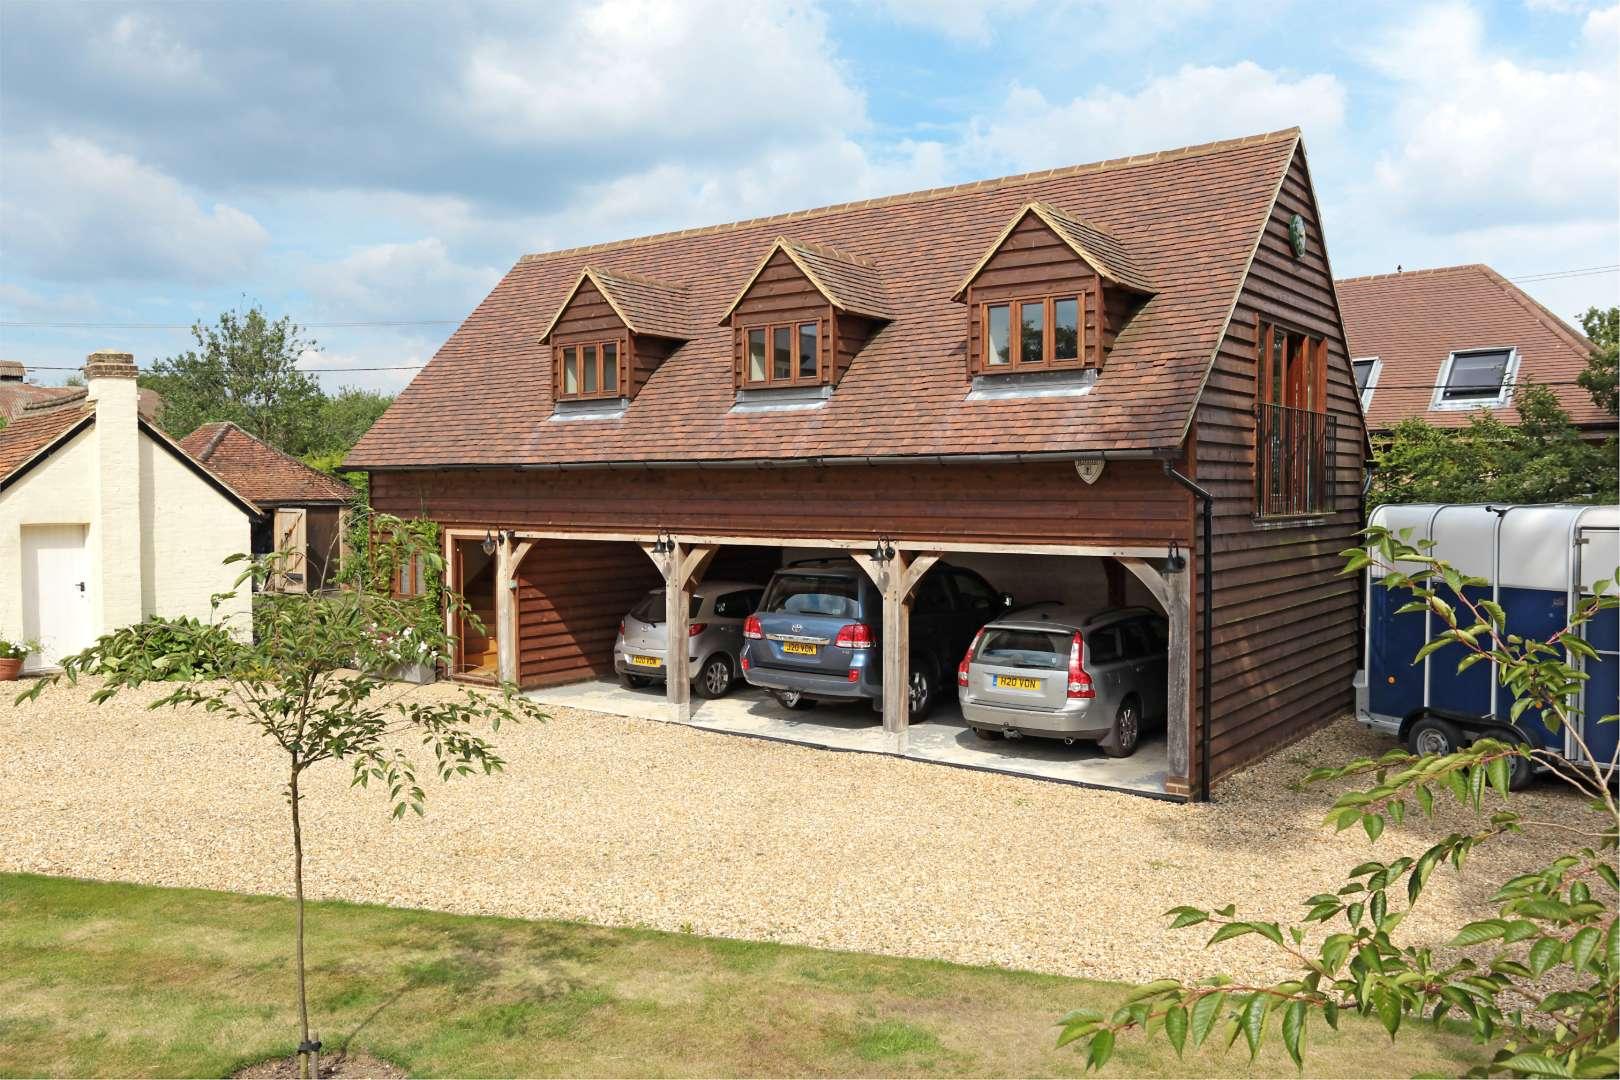 4 bay oak frame garage